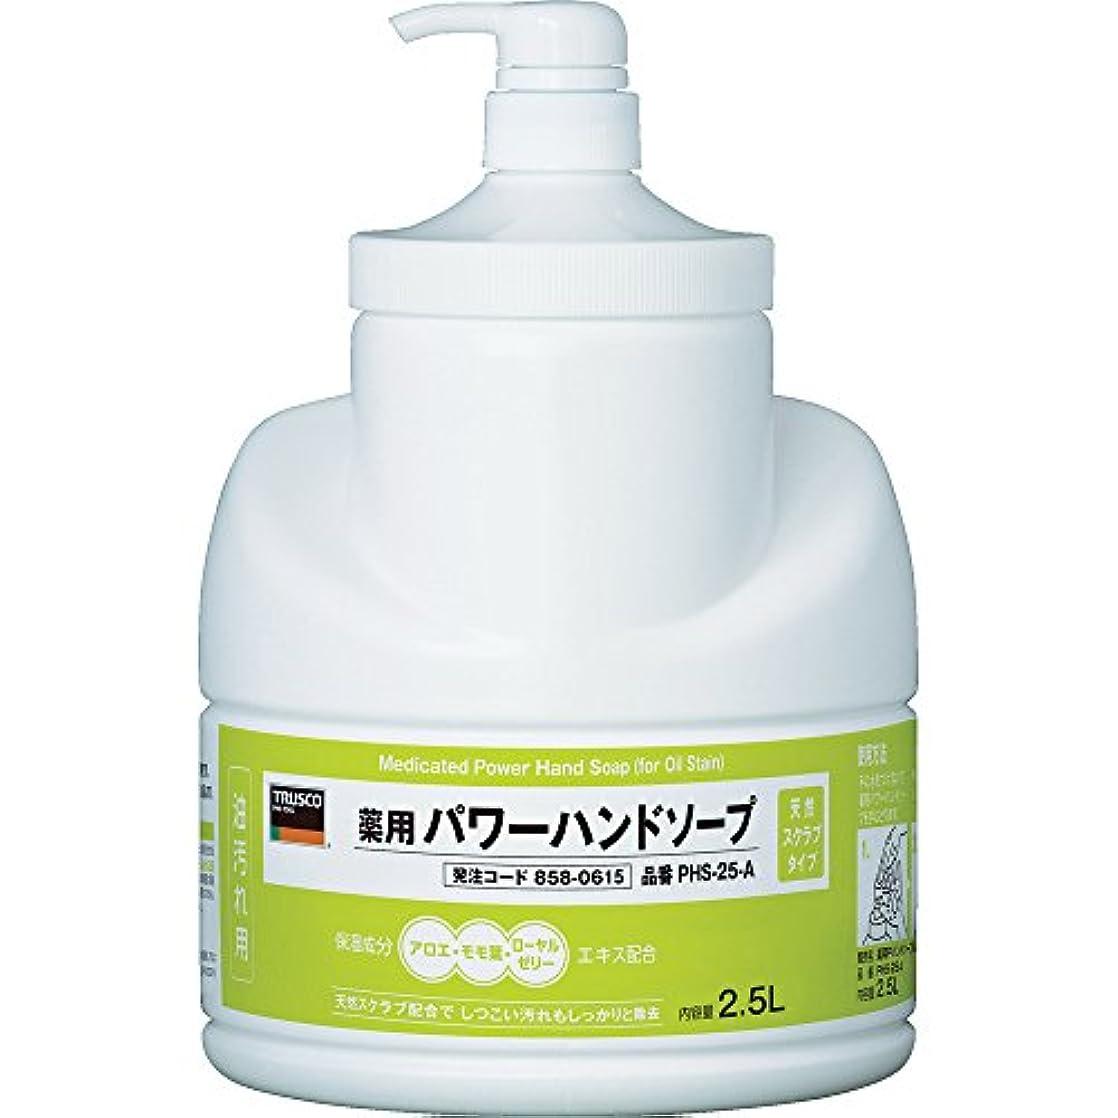 コック警戒額TRUSCO(トラスコ) 薬用パワーハンドソープポンプボトル 2.5L PHS-25-A